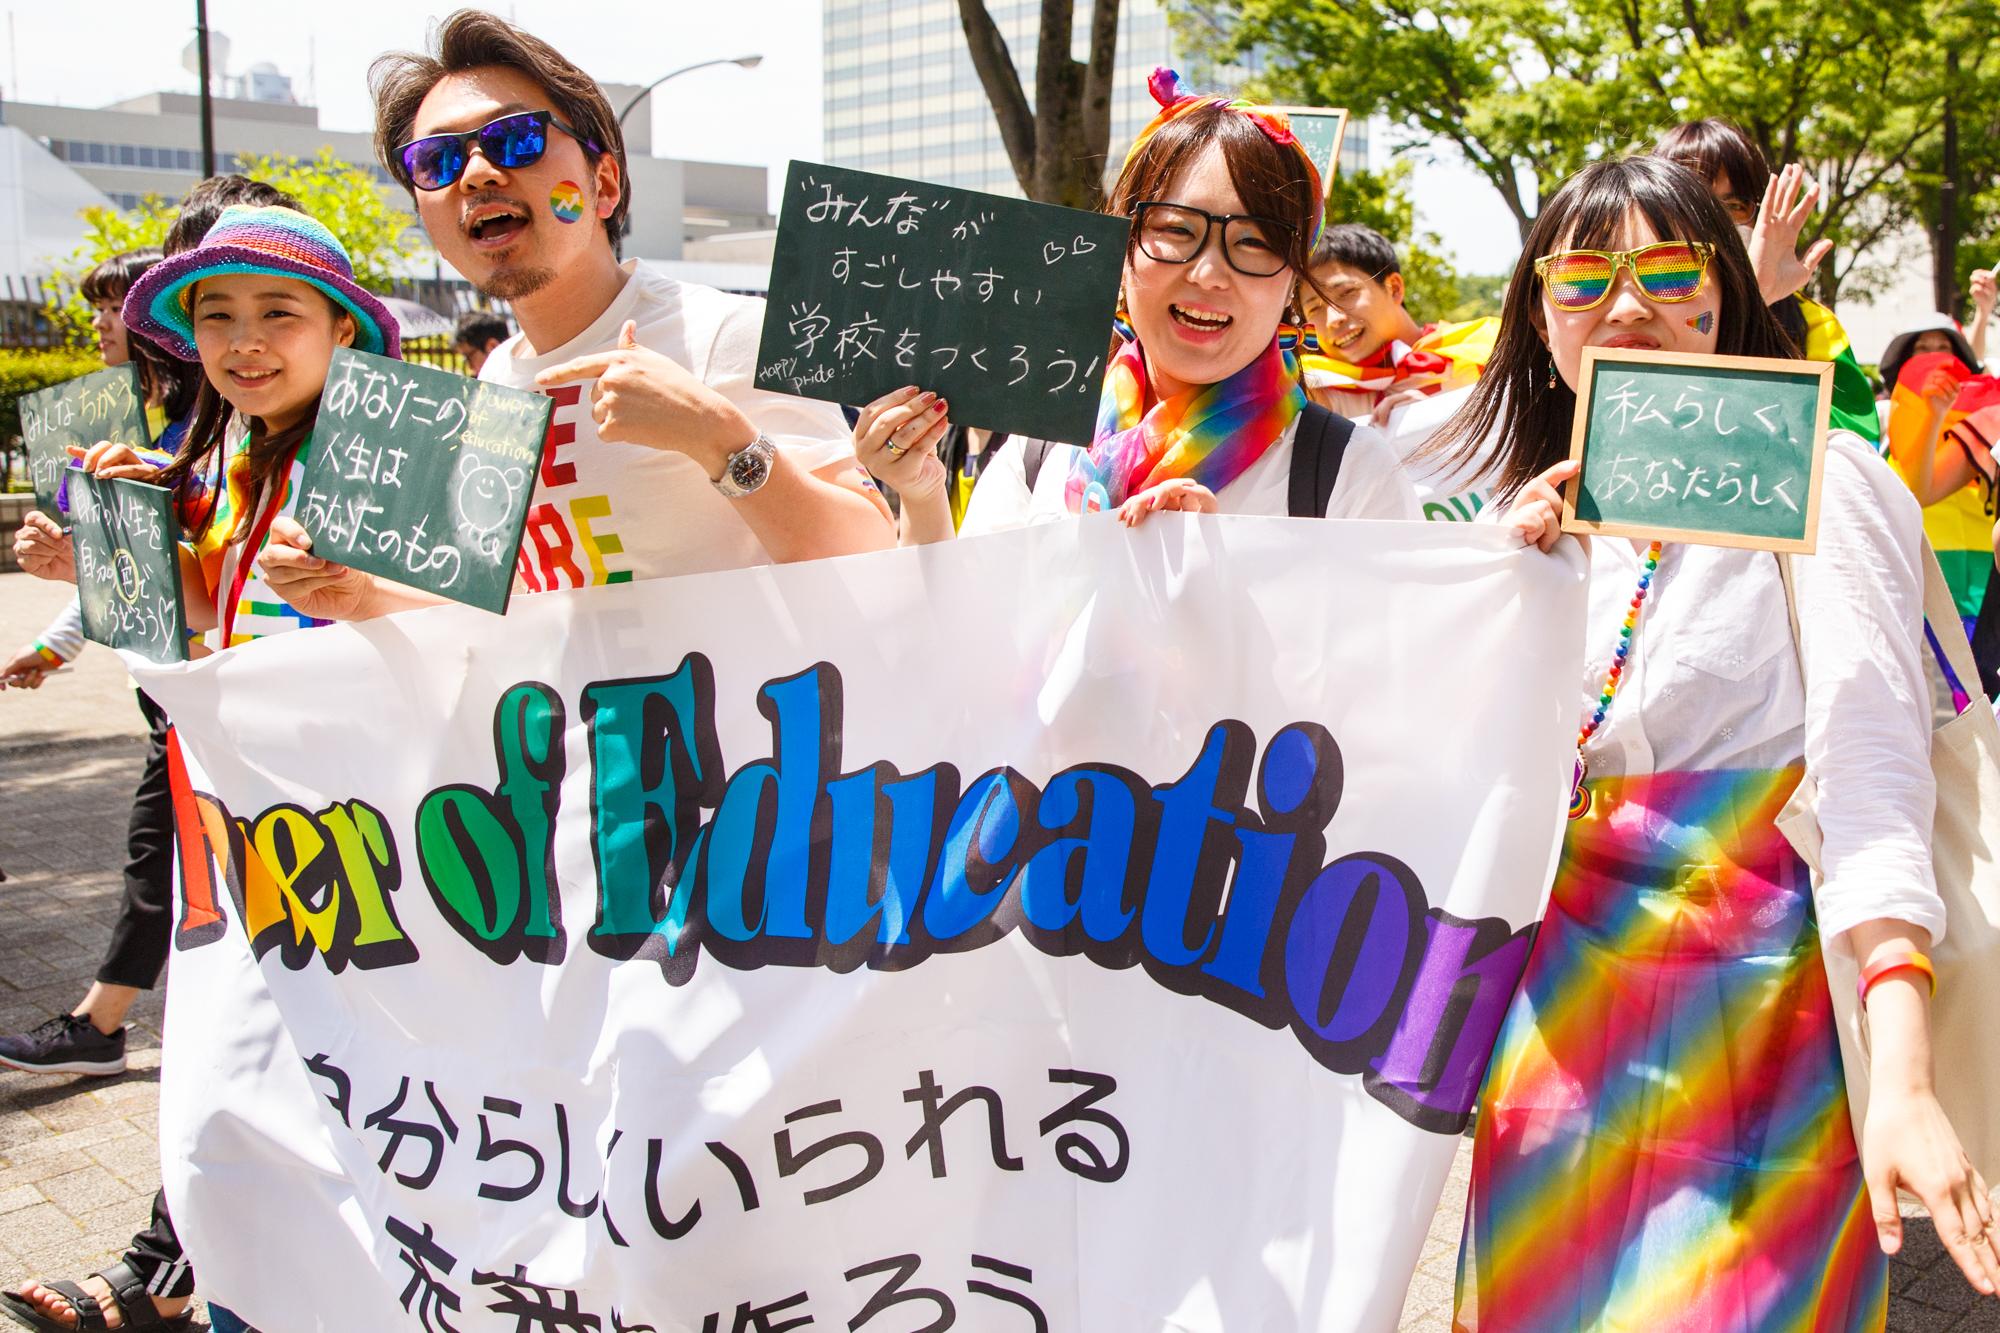 Photo of the Day - 東京レインボープライド 2018